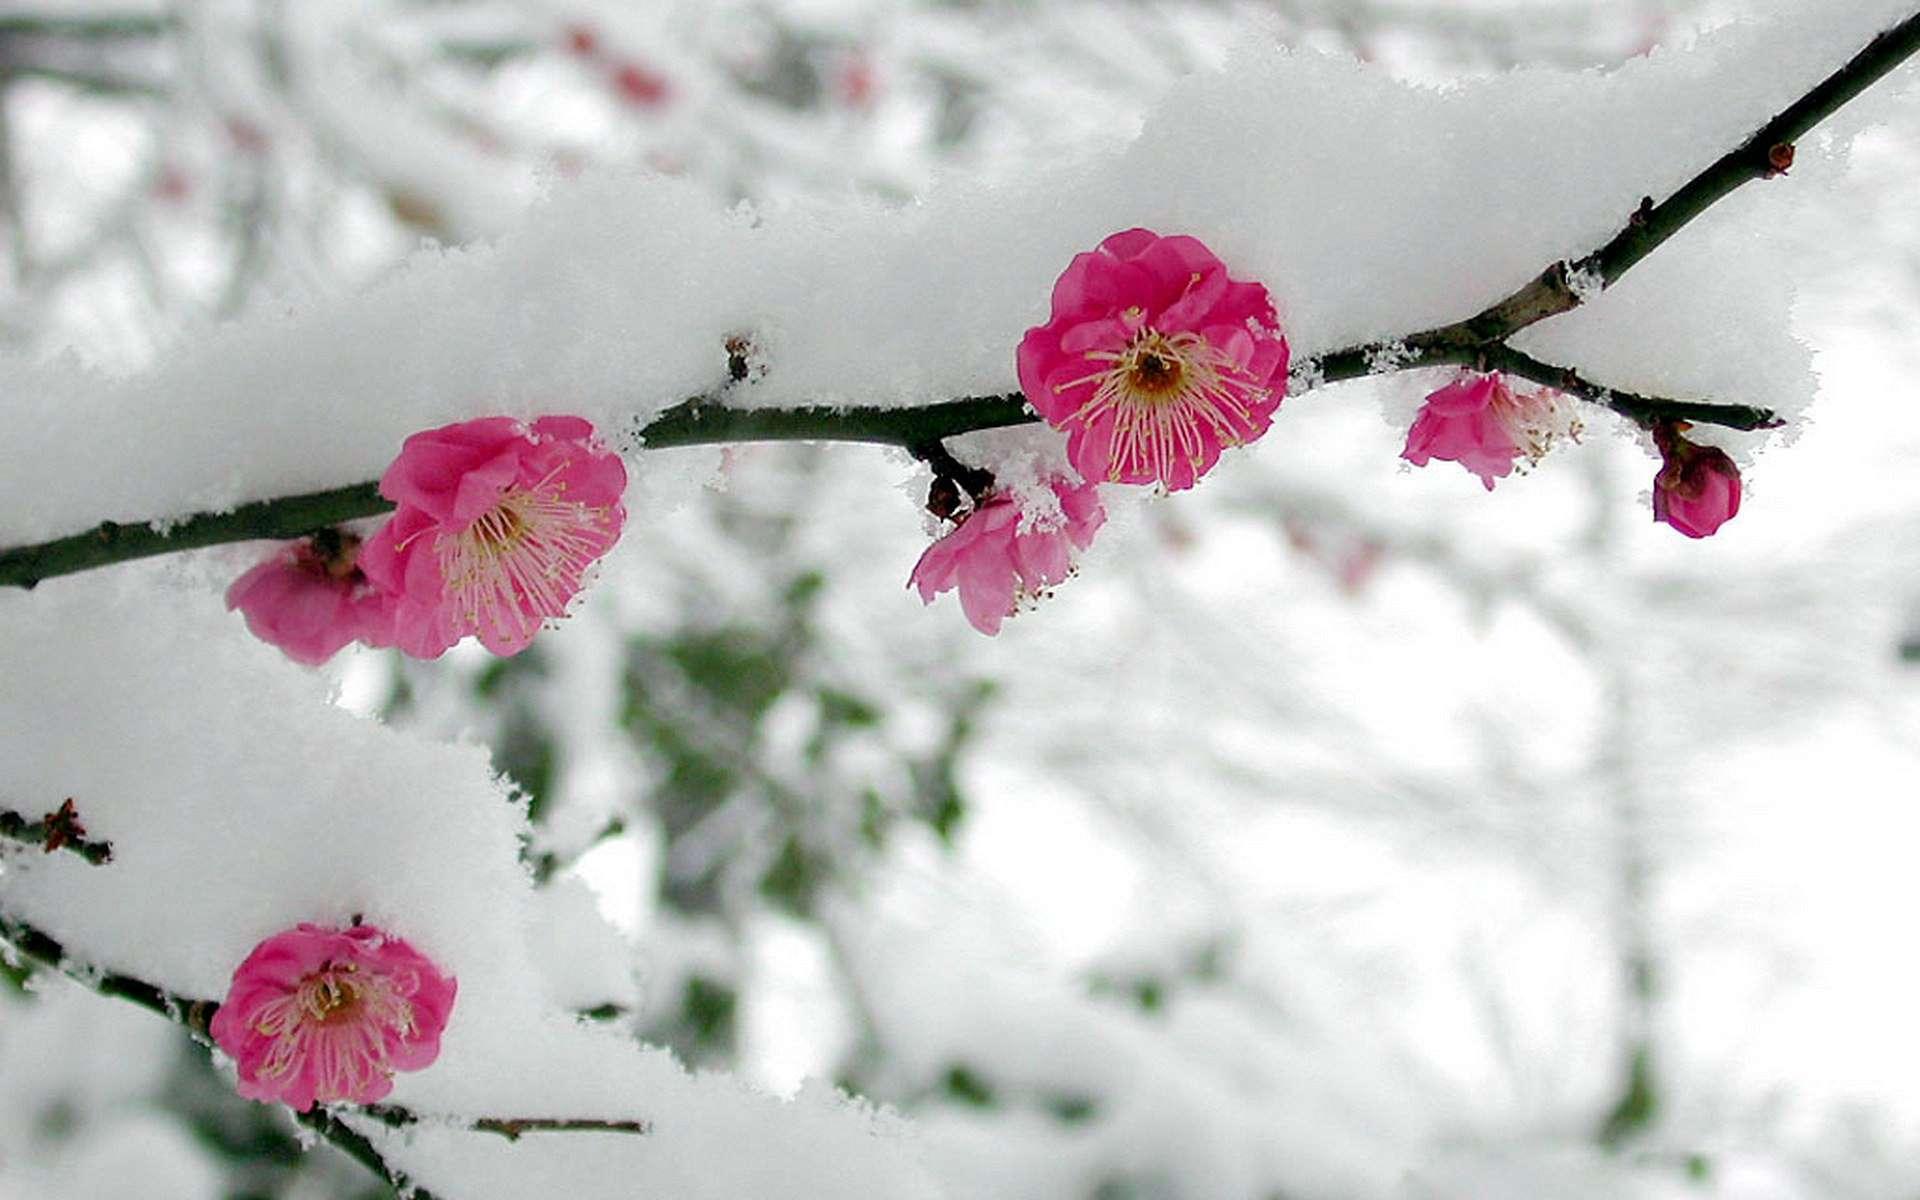 картинки на весь экран цветы под снегом волосы или борода